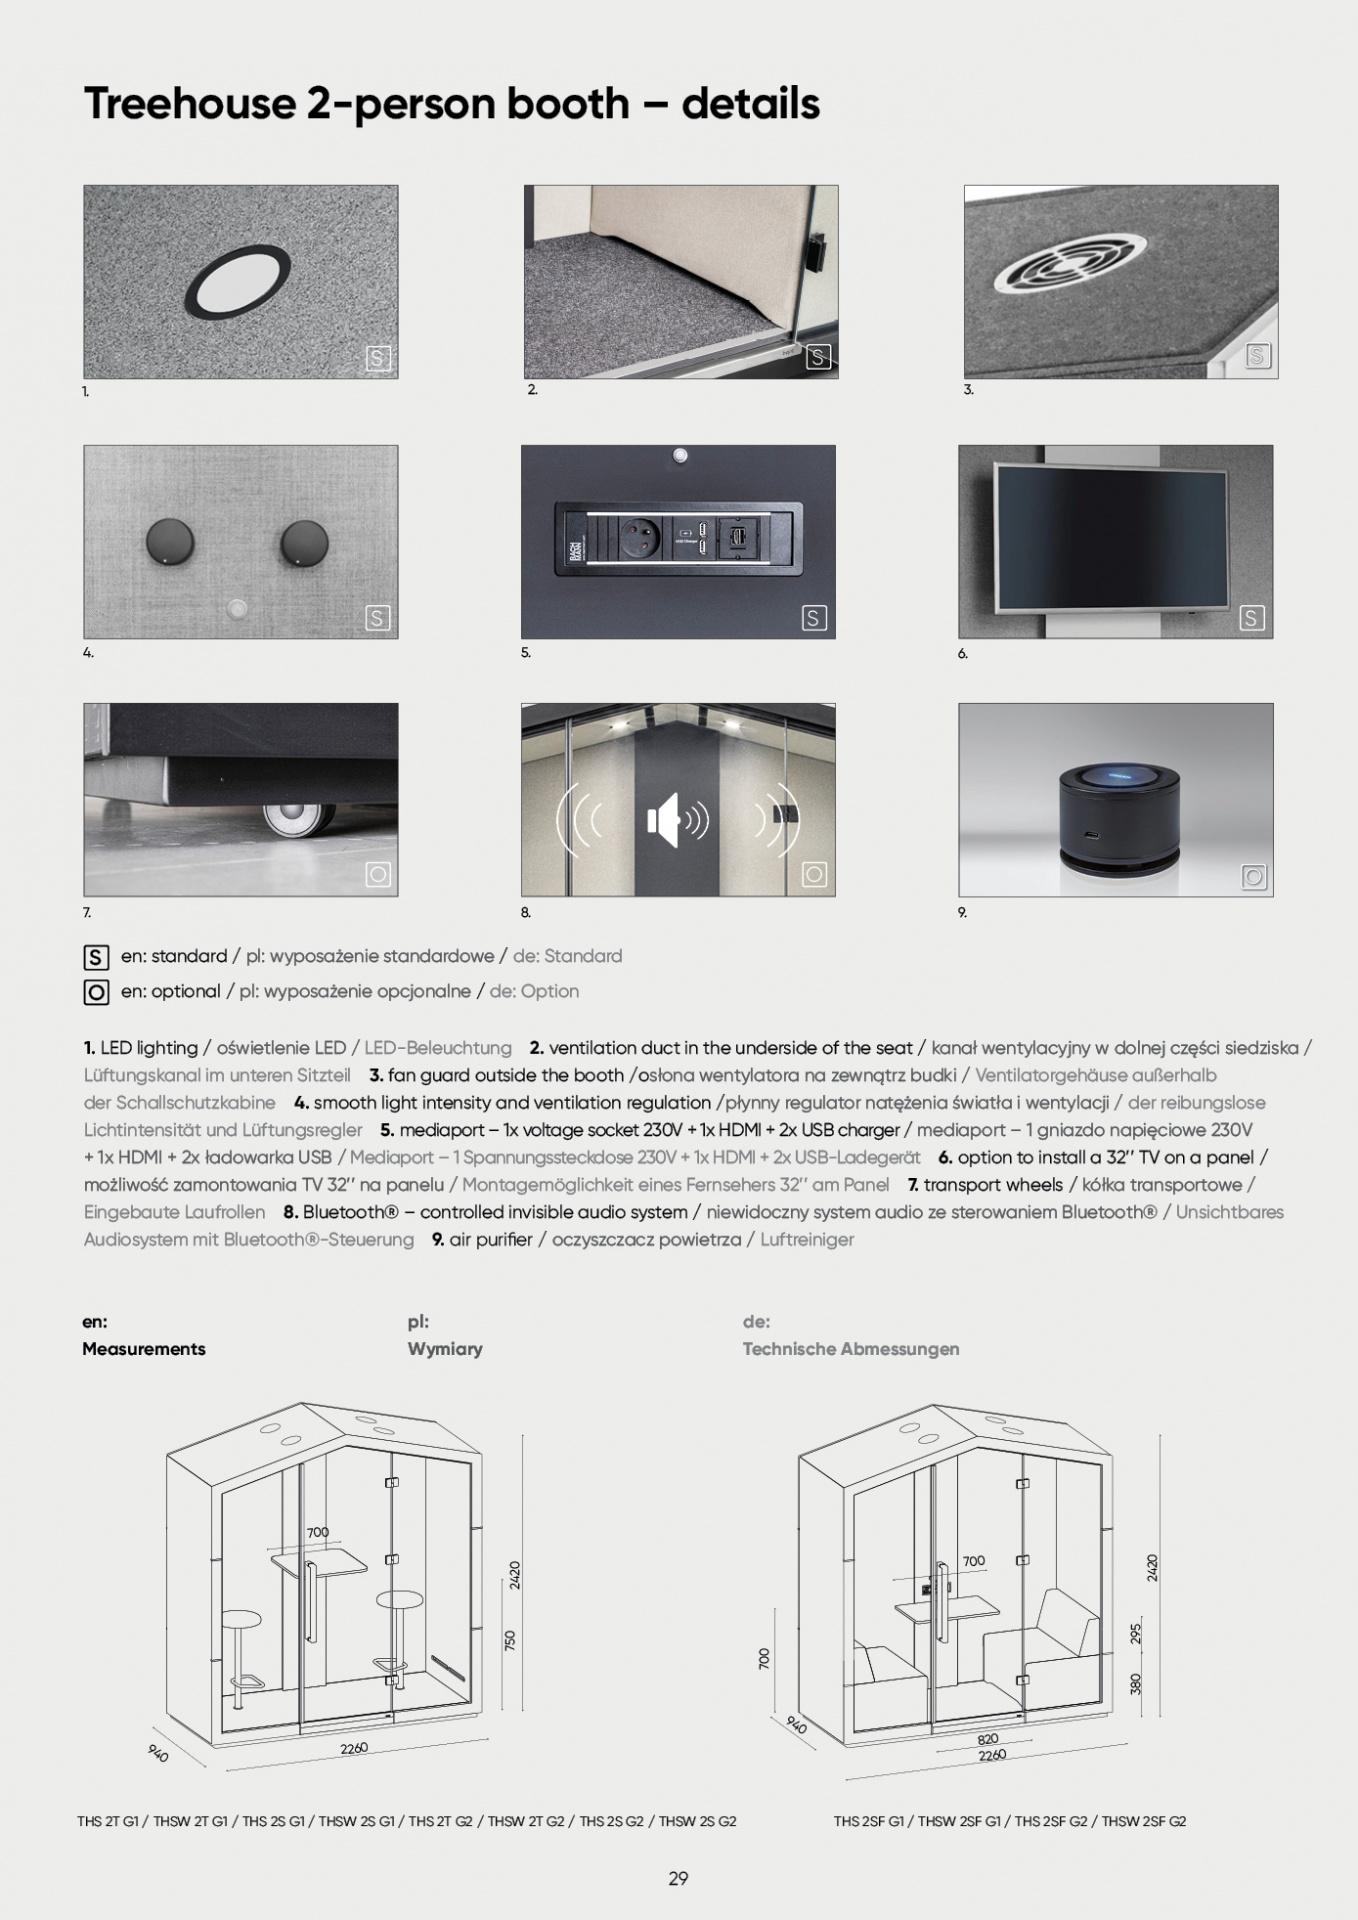 treehouse-catalogue-v2-29.jpg